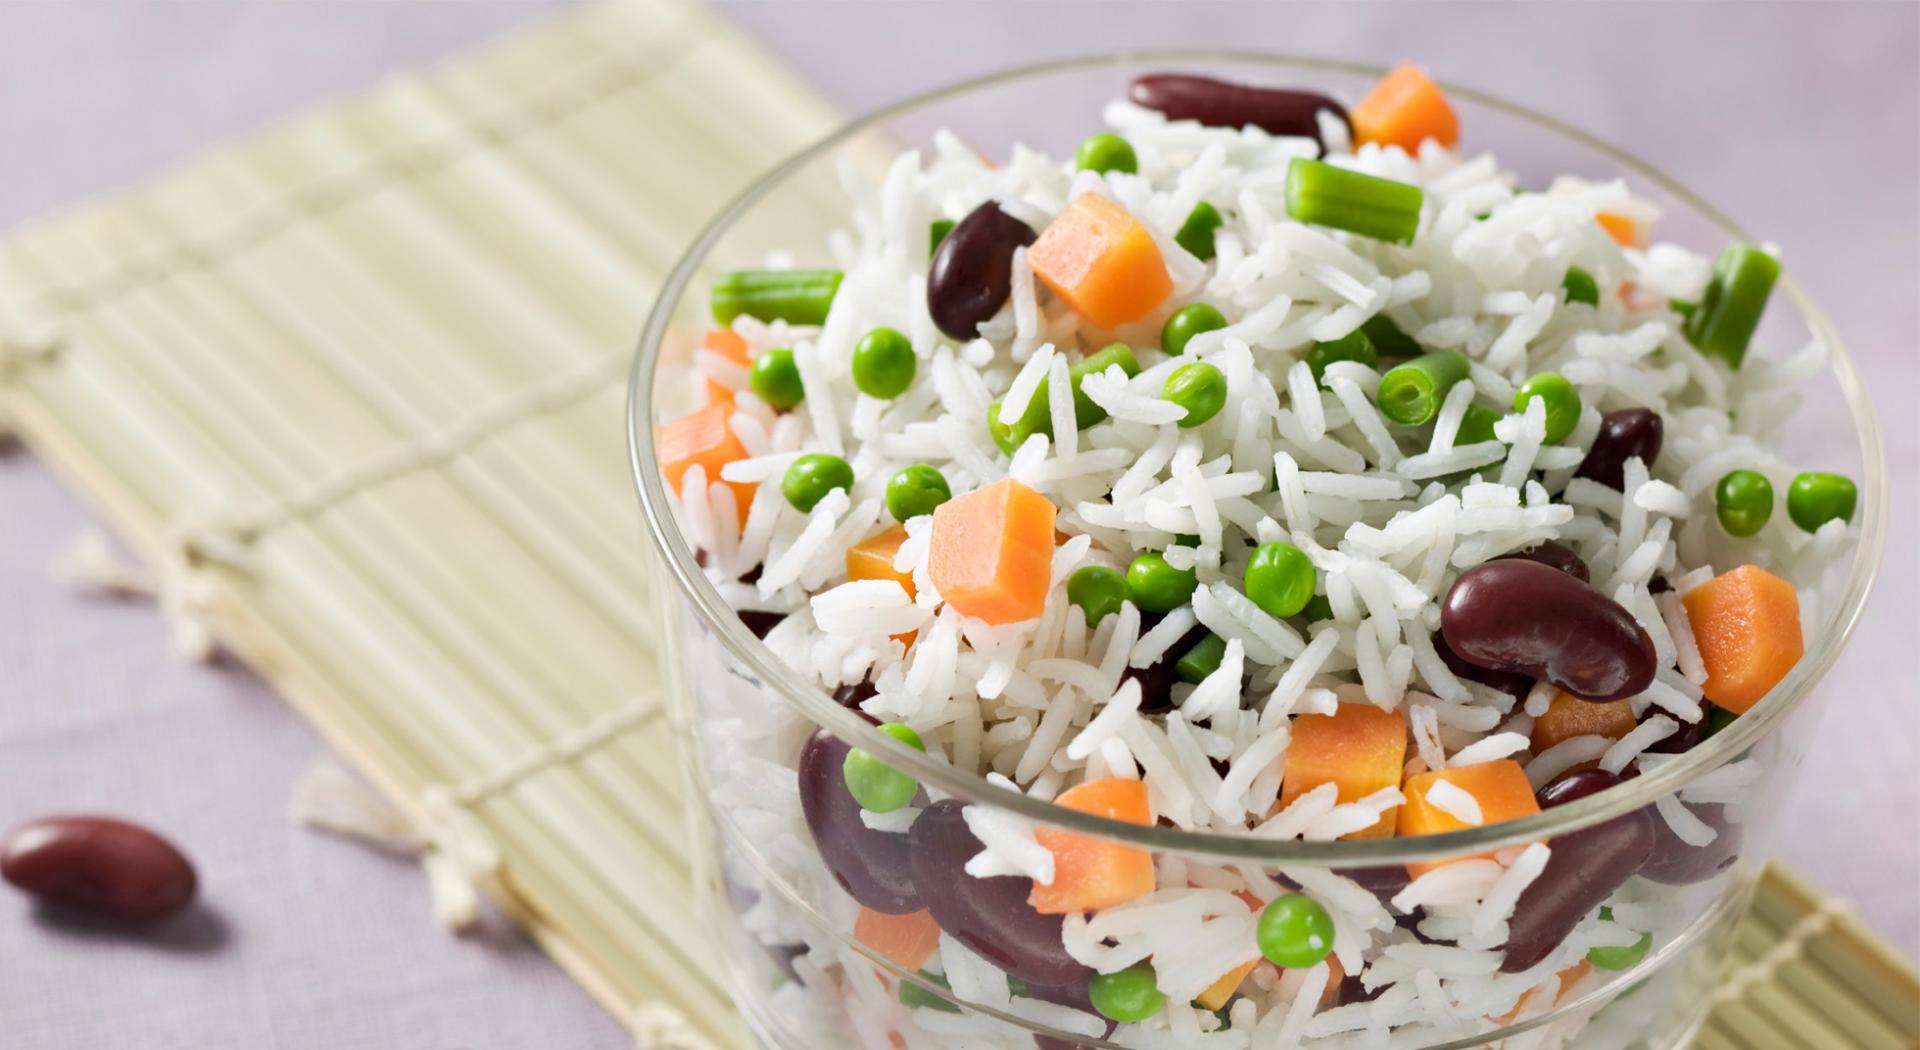 Ricetta Insalata Di Riso Ricca.Insalata Di Riso 10 Ricette Per I Bambini Aia Food